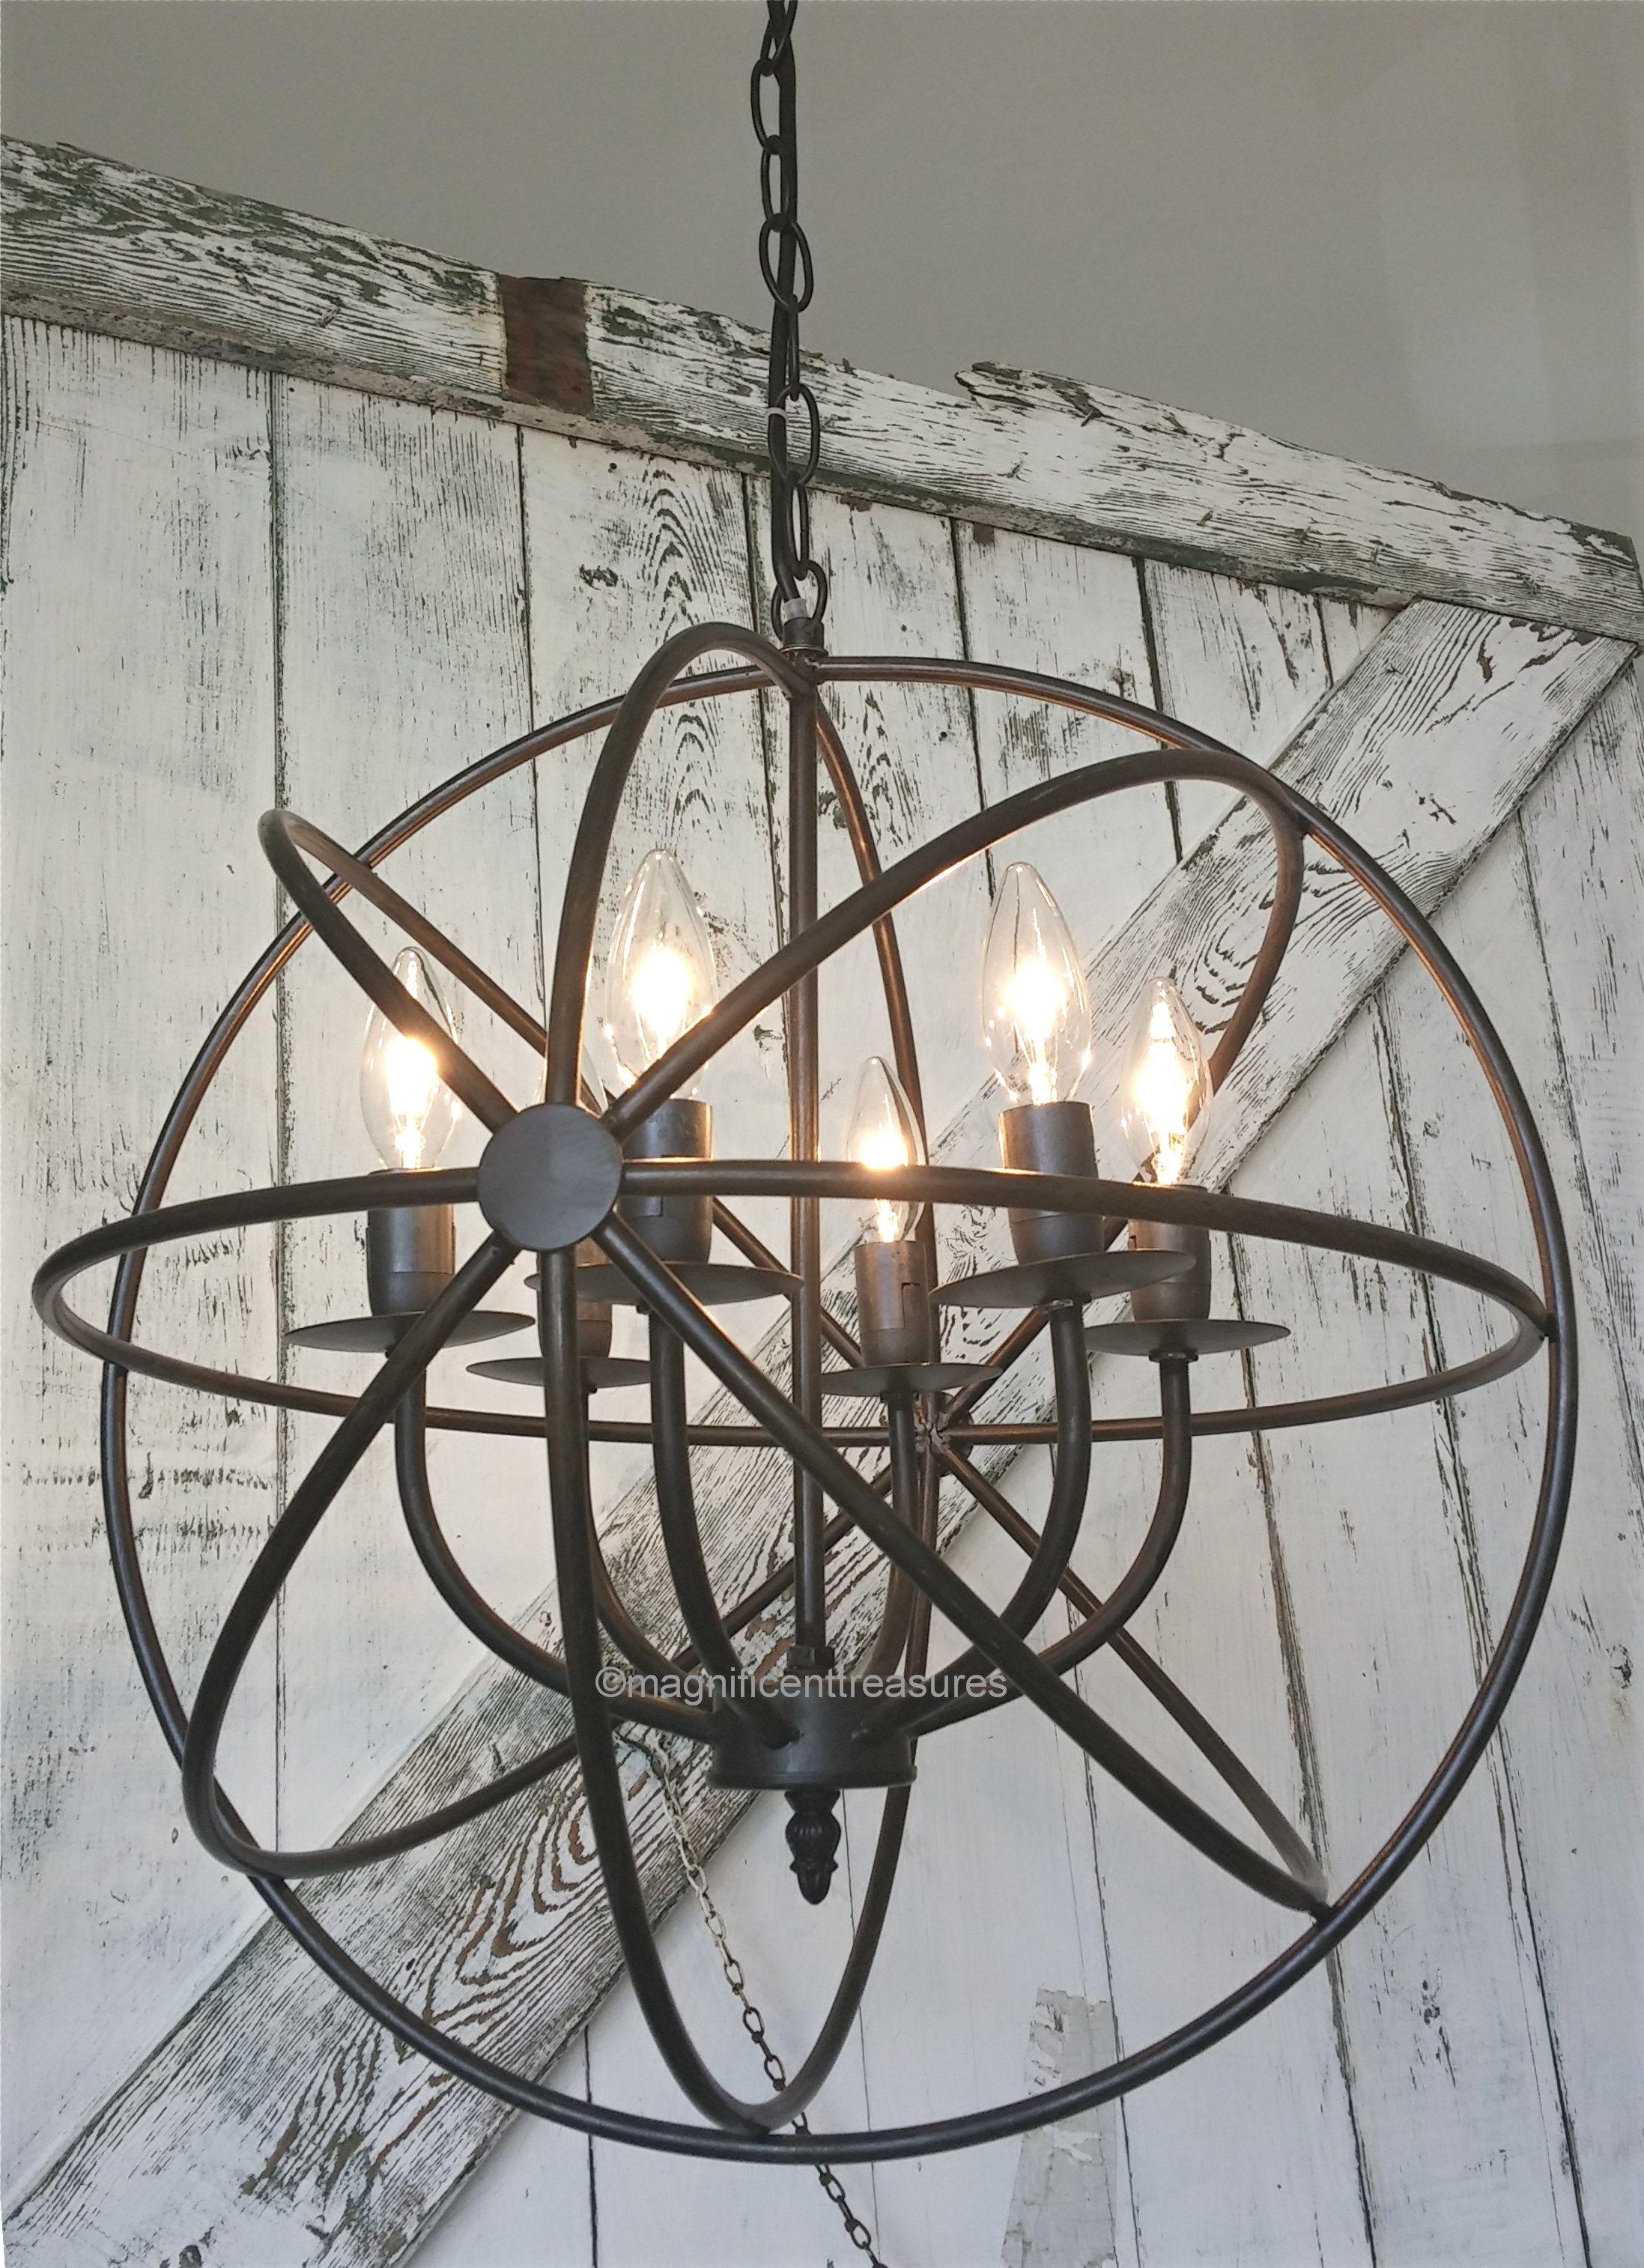 round light fixture hanging industrial rustic metal round armillary sphere chandelier light fixture